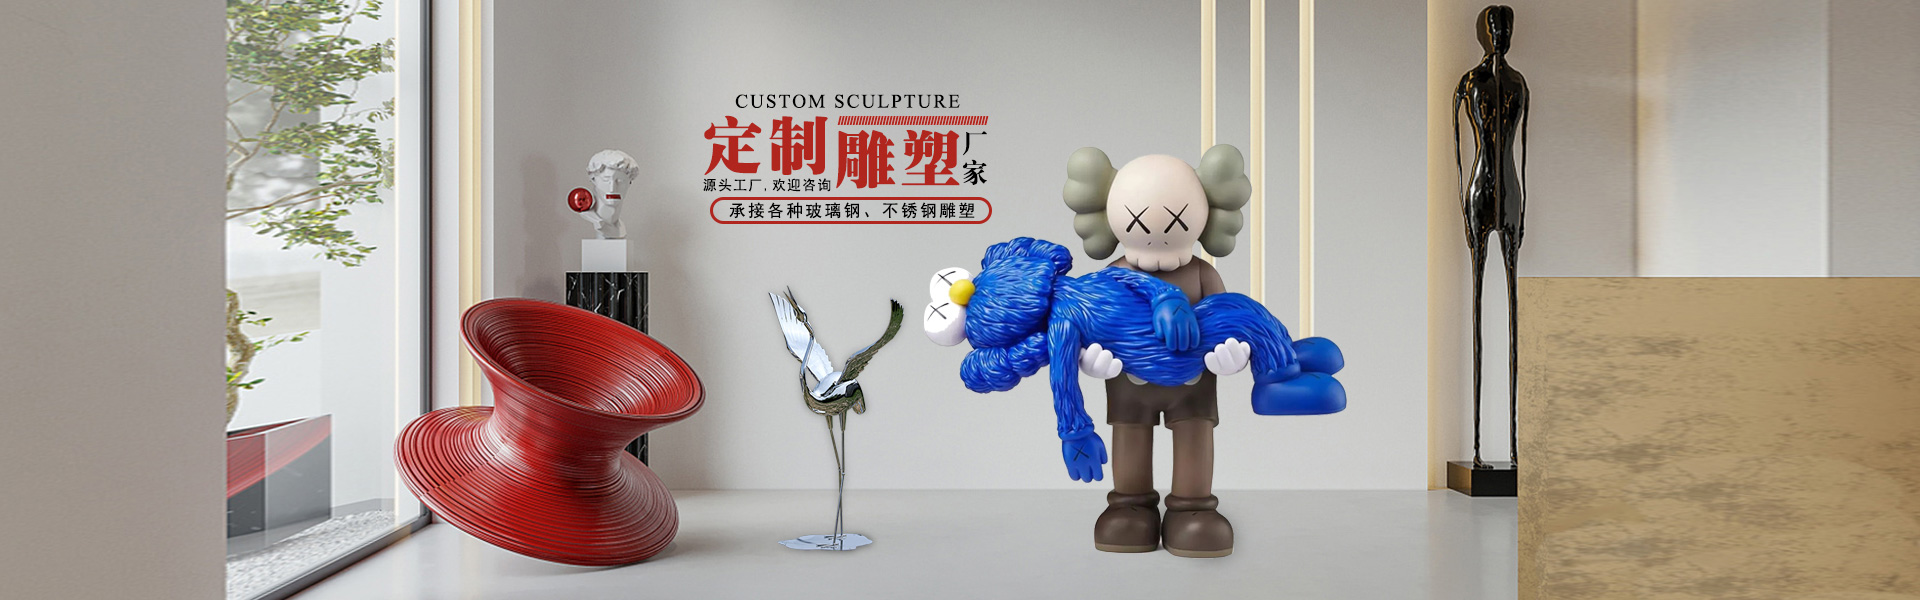 玻璃钢雕塑定制和不锈钢雕塑定制